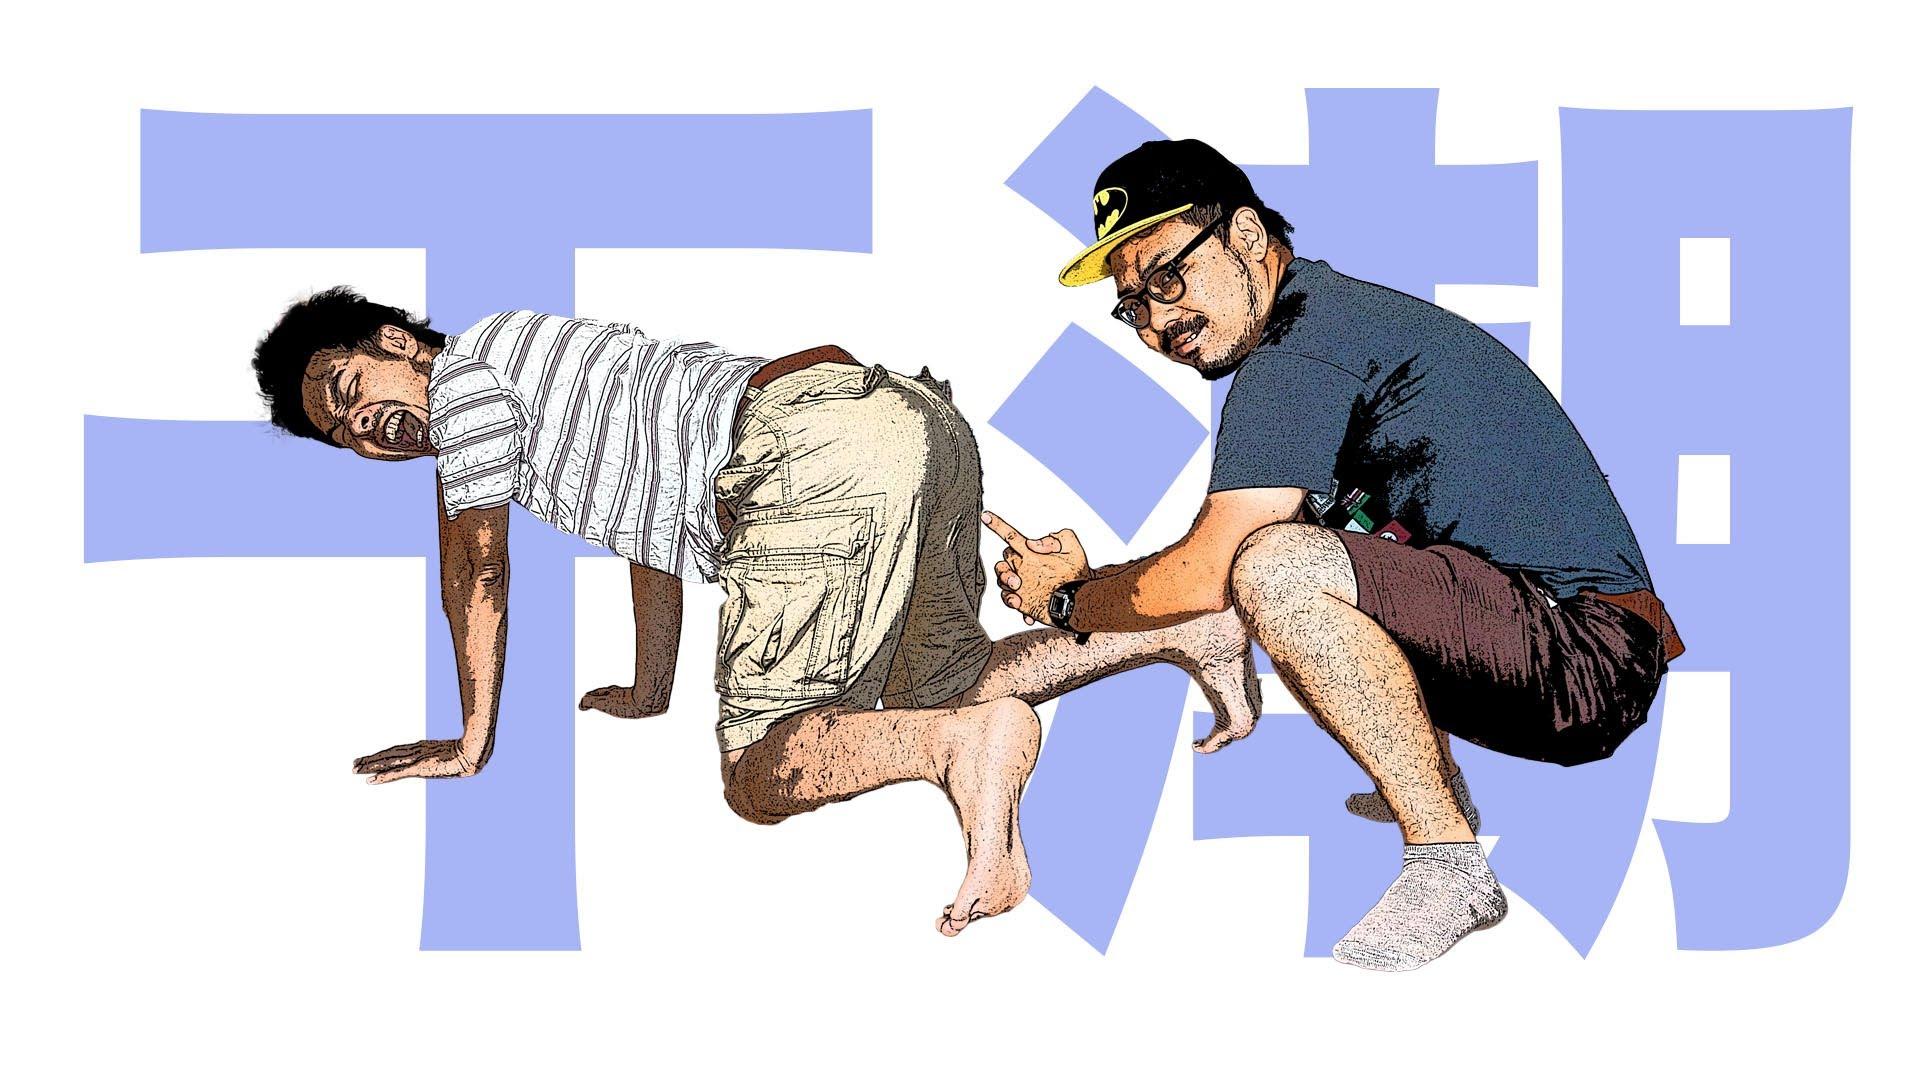 高校生SMラブコメディ『ナナとカオル』